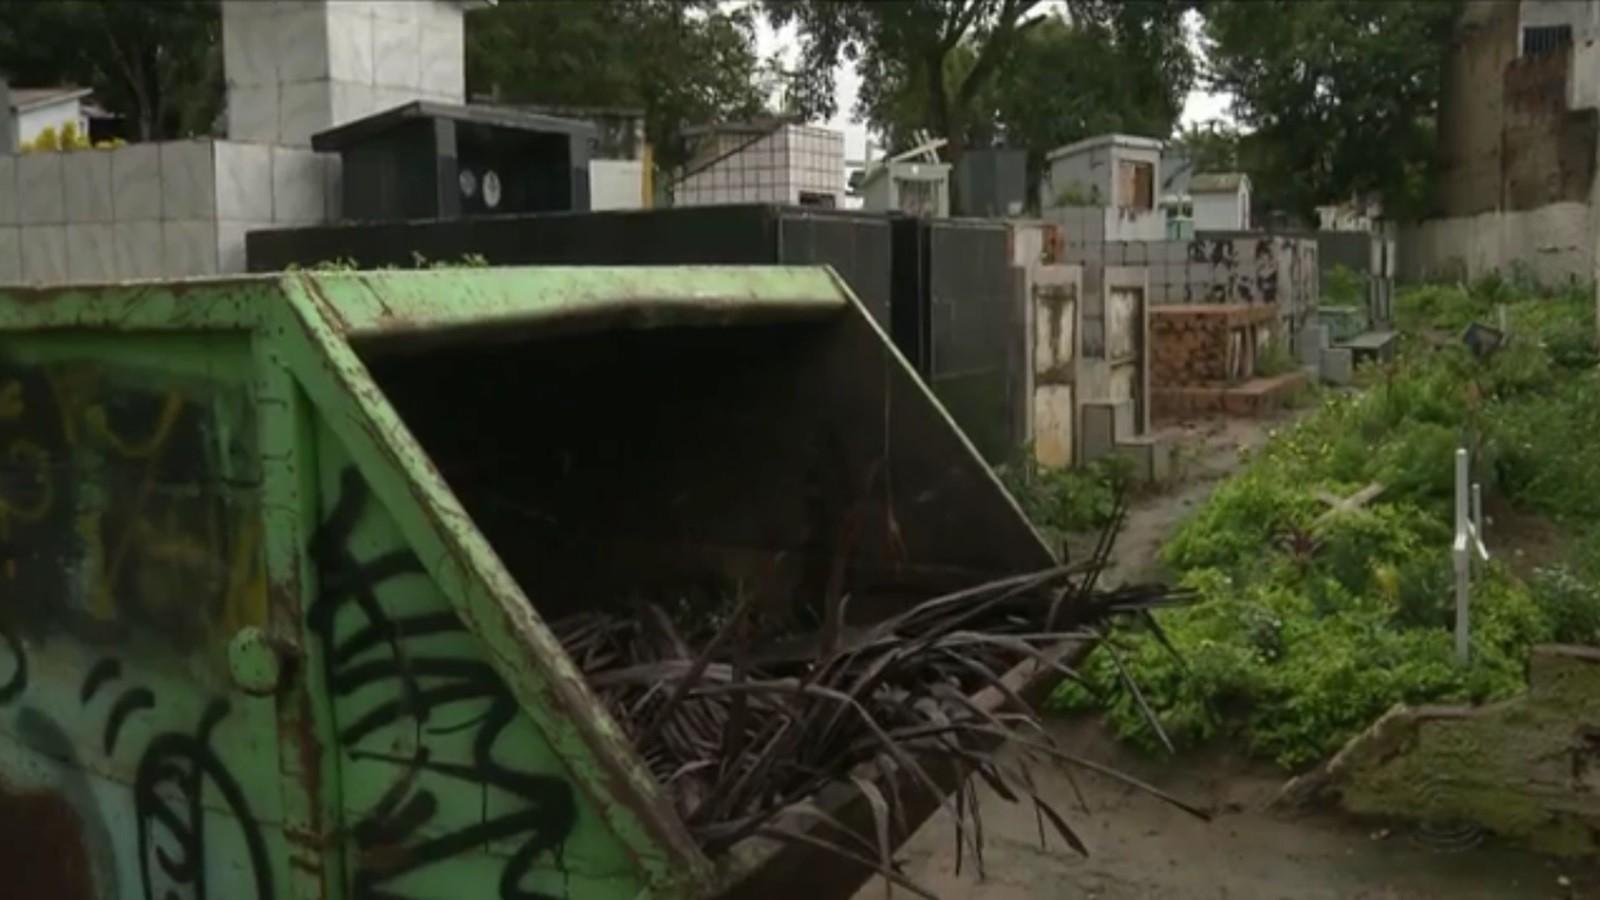 Bebê é encontrado dentro de saco de lixo em cemitério de Campina Grande, PB